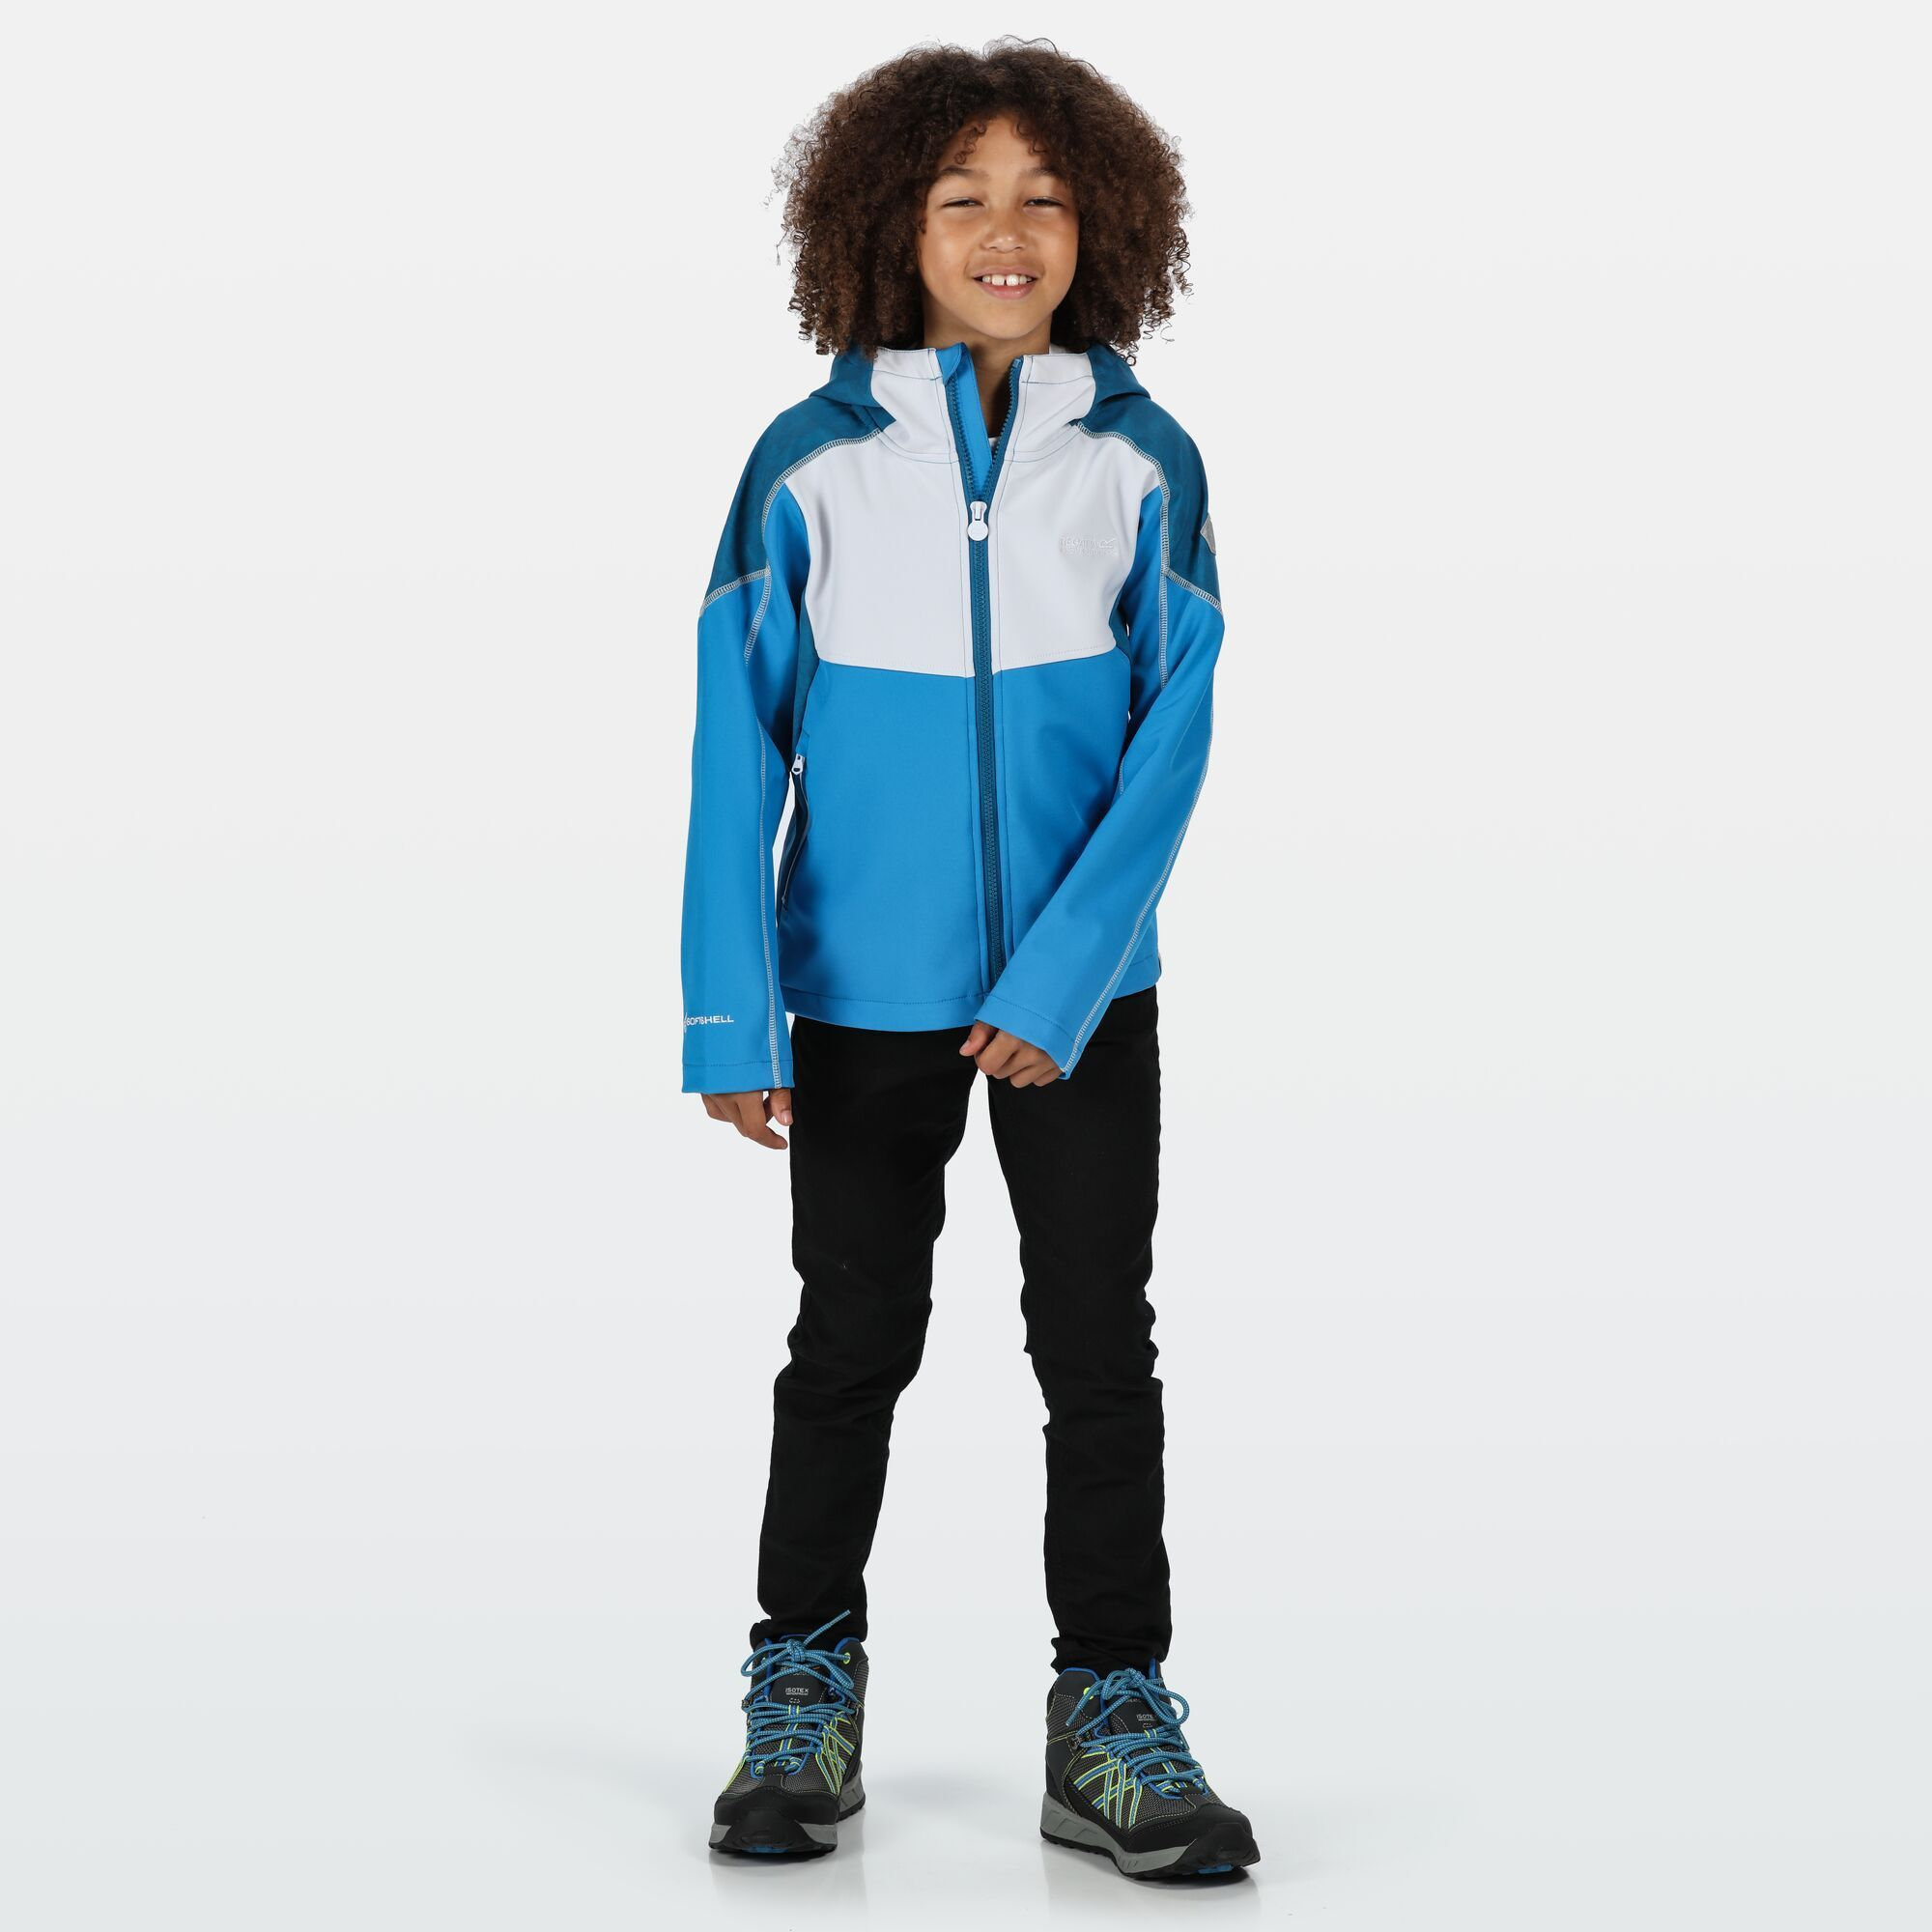 Regatta Childrens/Kids Acidity IV Reflective Hooded Softshell Jacket